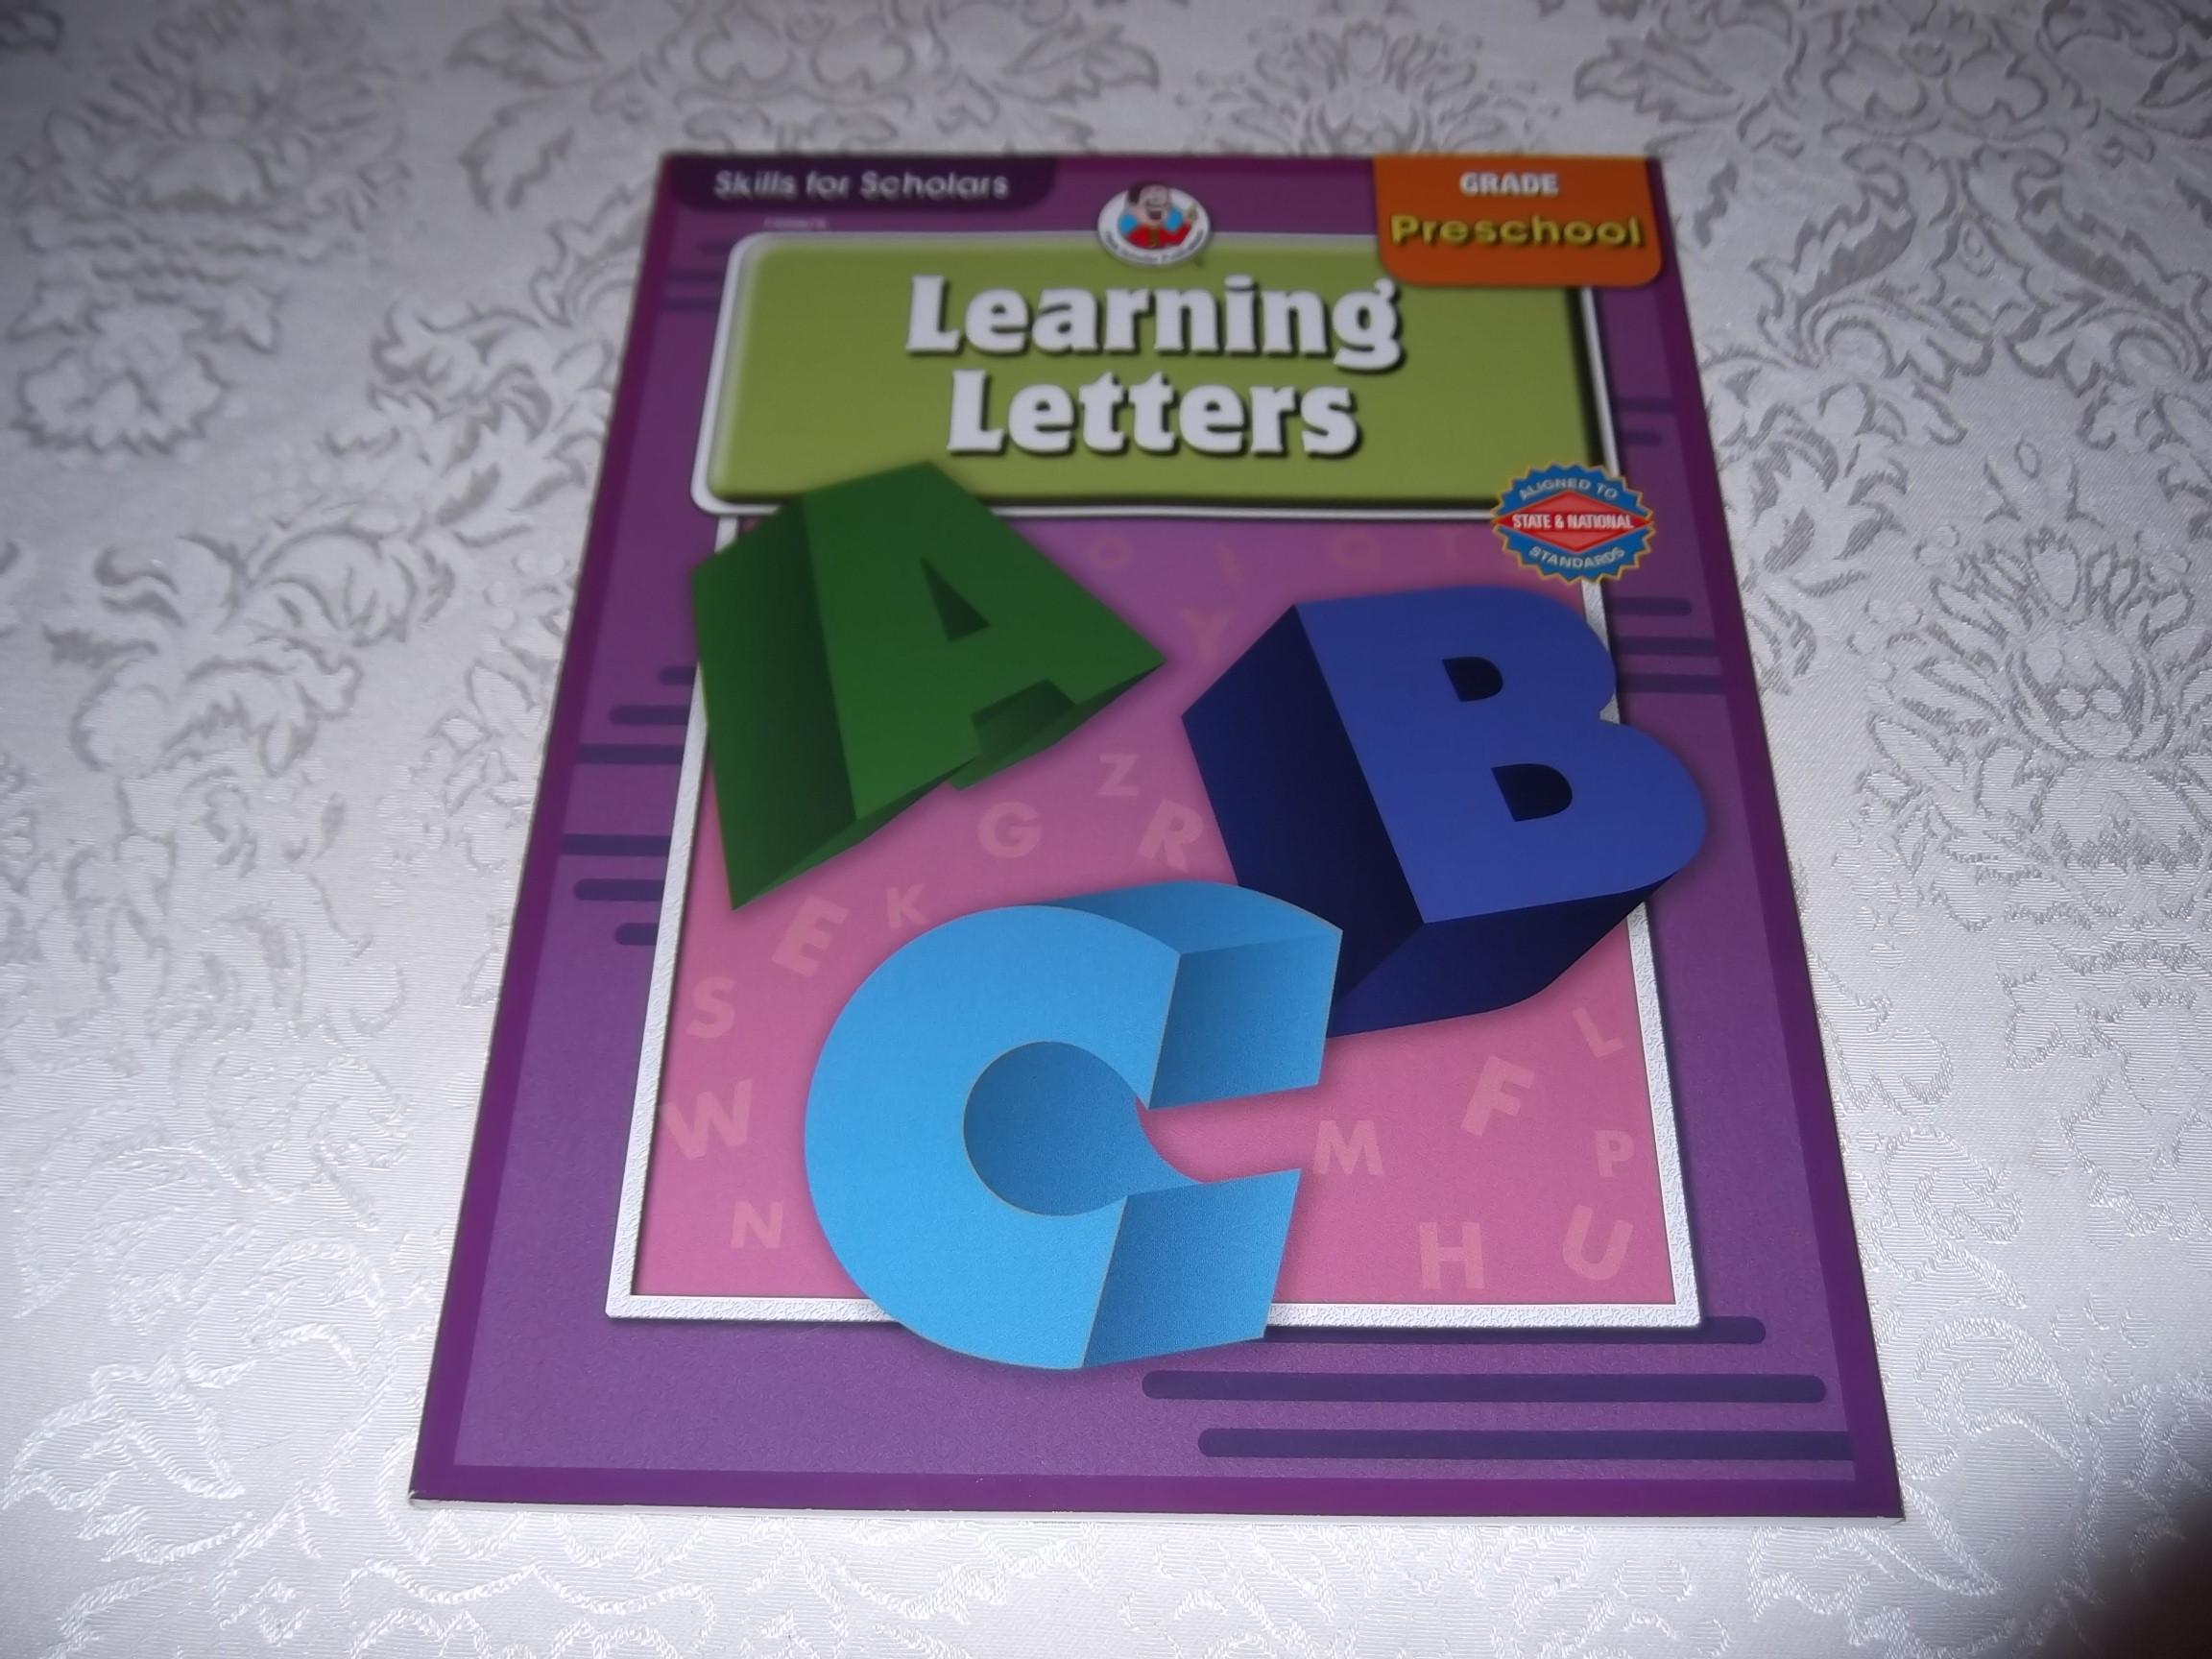 Learning Letters Skills for Scholars Preschool Frank Schaffer Brand New